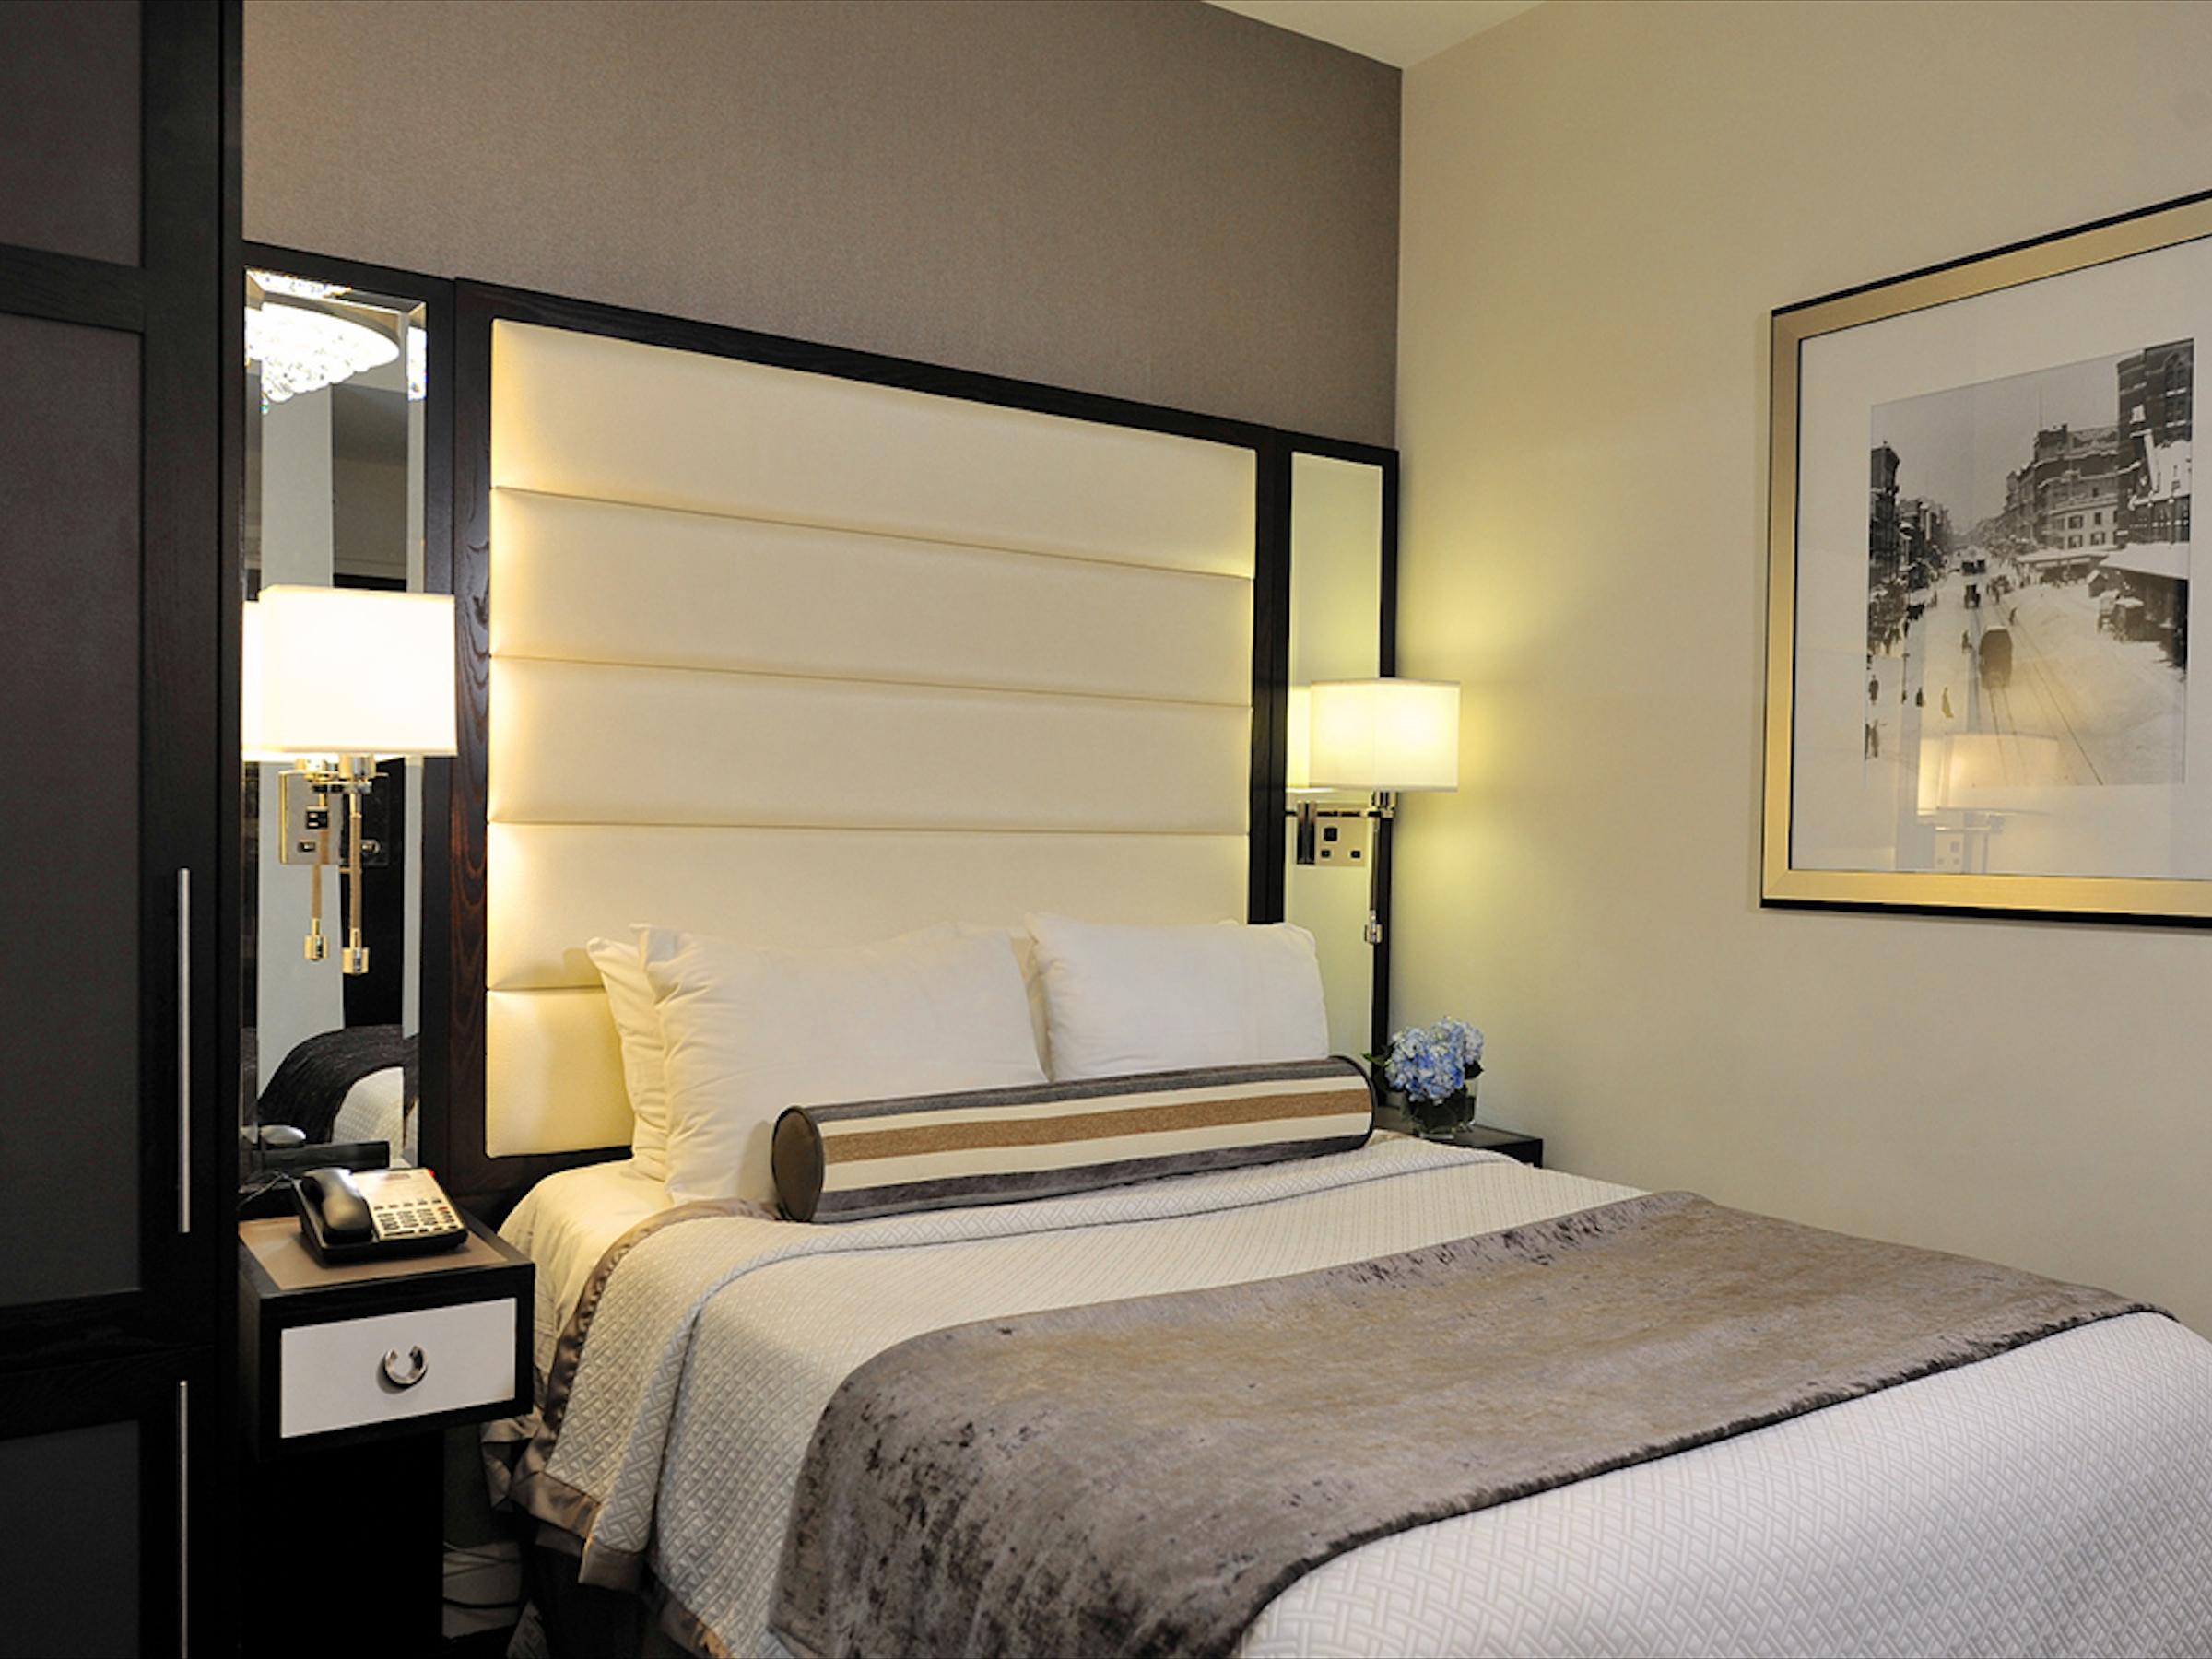 Park South Hotel ✩✩✩✩ - Стандартный номер:От $140 за ночь(В зависимости от сезона)Район: Грамерси